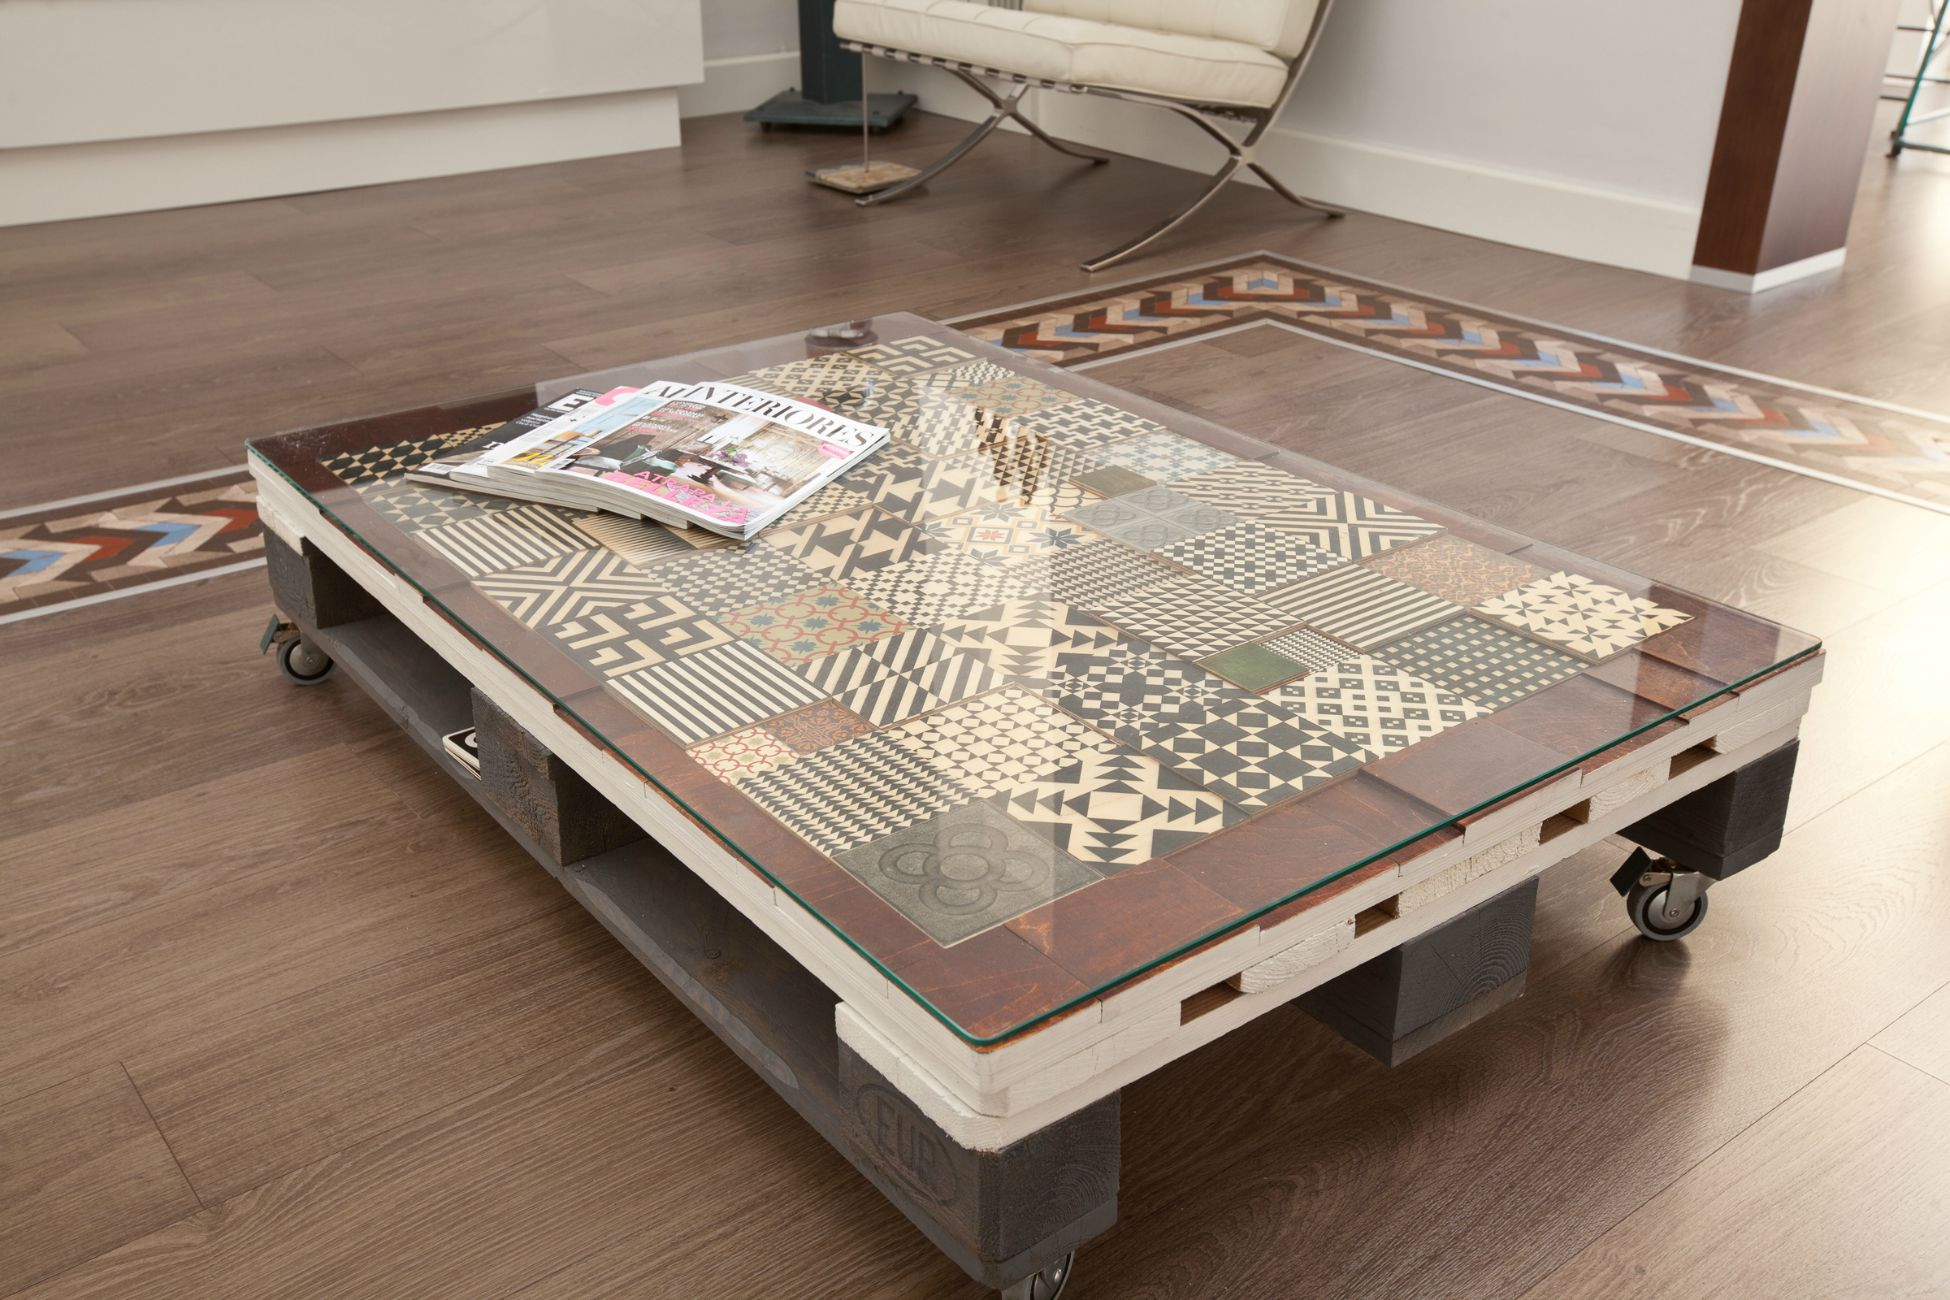 Muebles de palets decorados con azulejos hidr ulicos i for Muebles de palets para salon